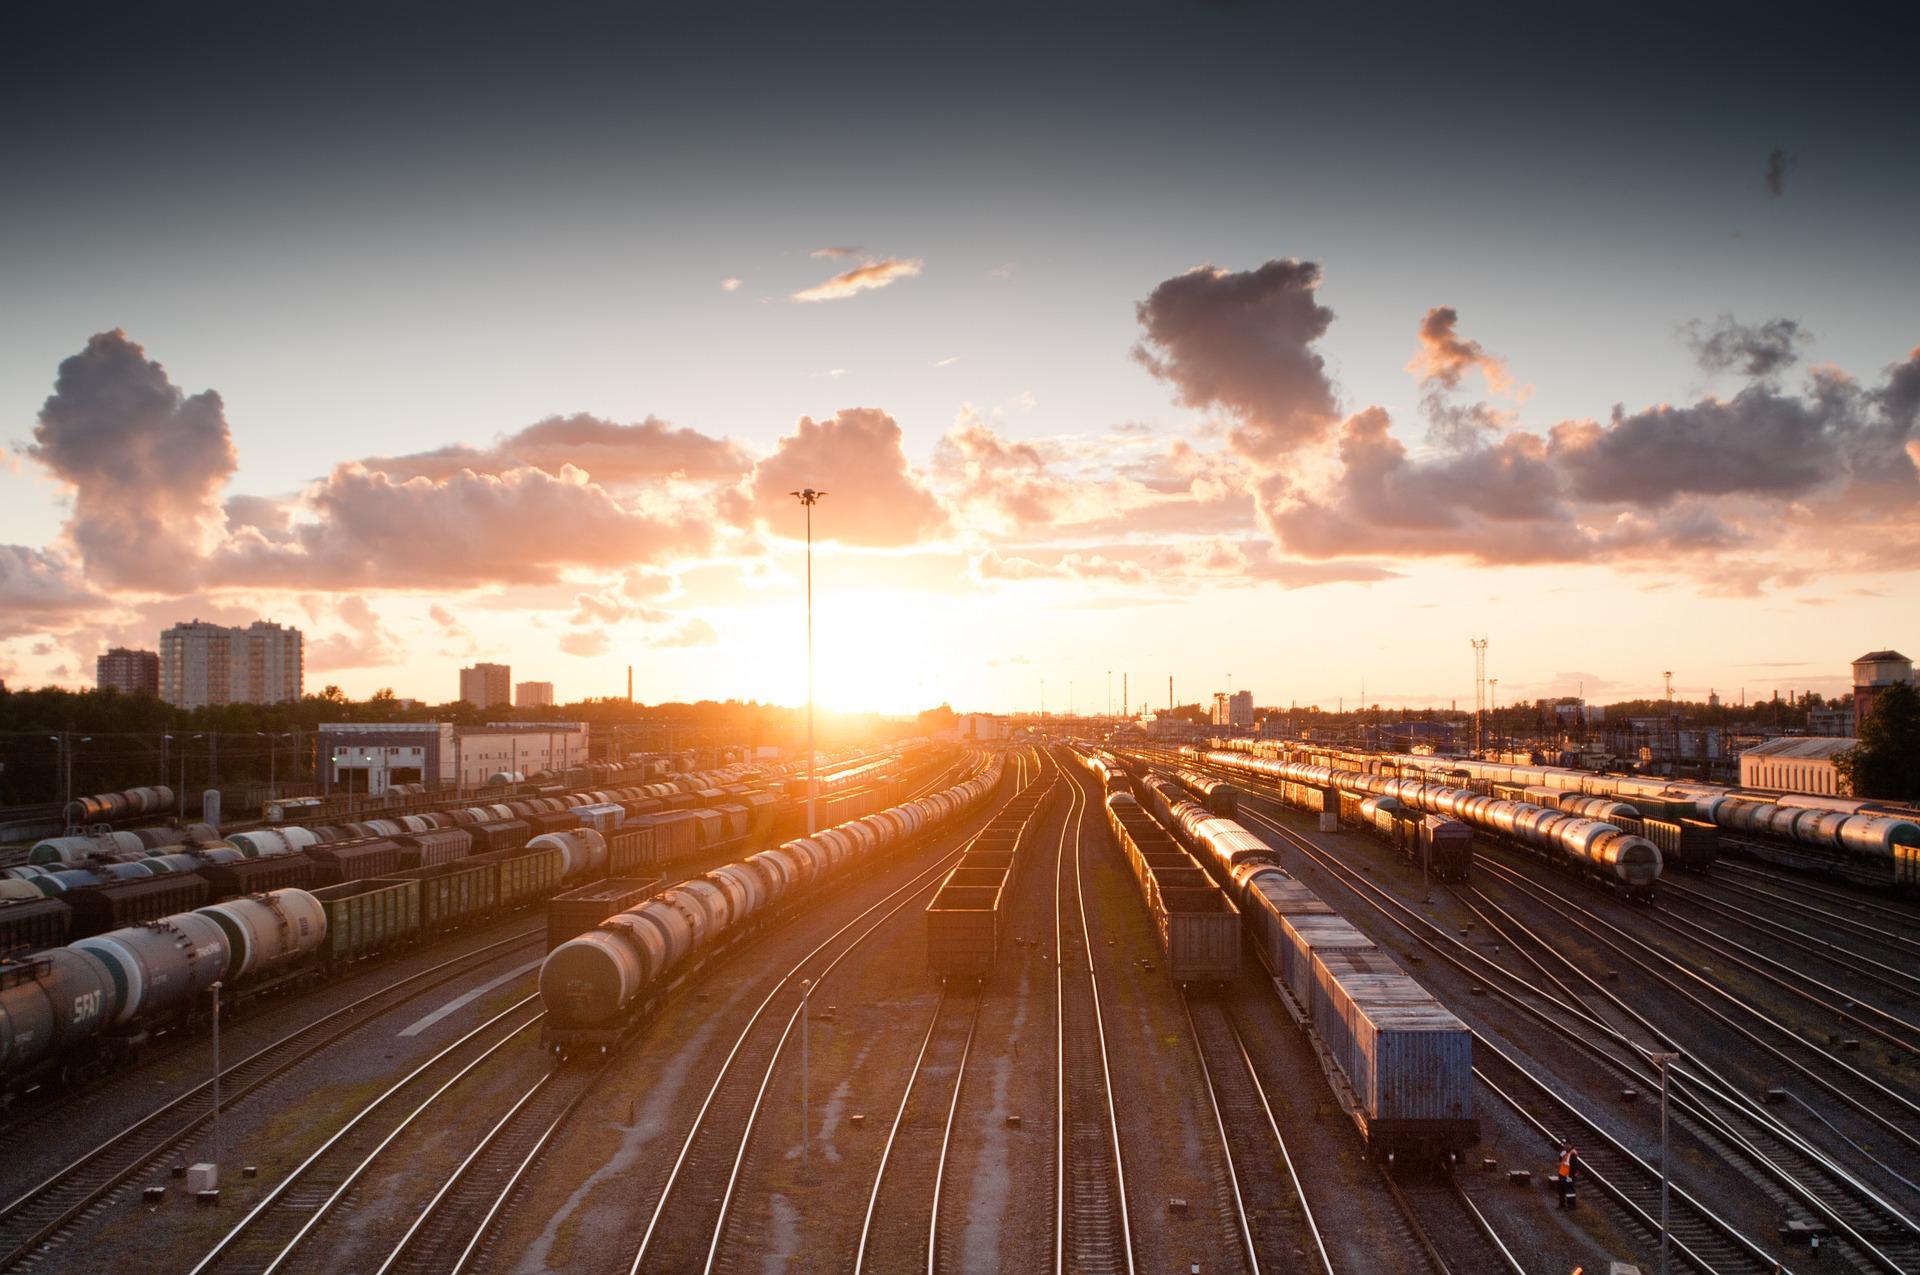 węzeł kolejowy